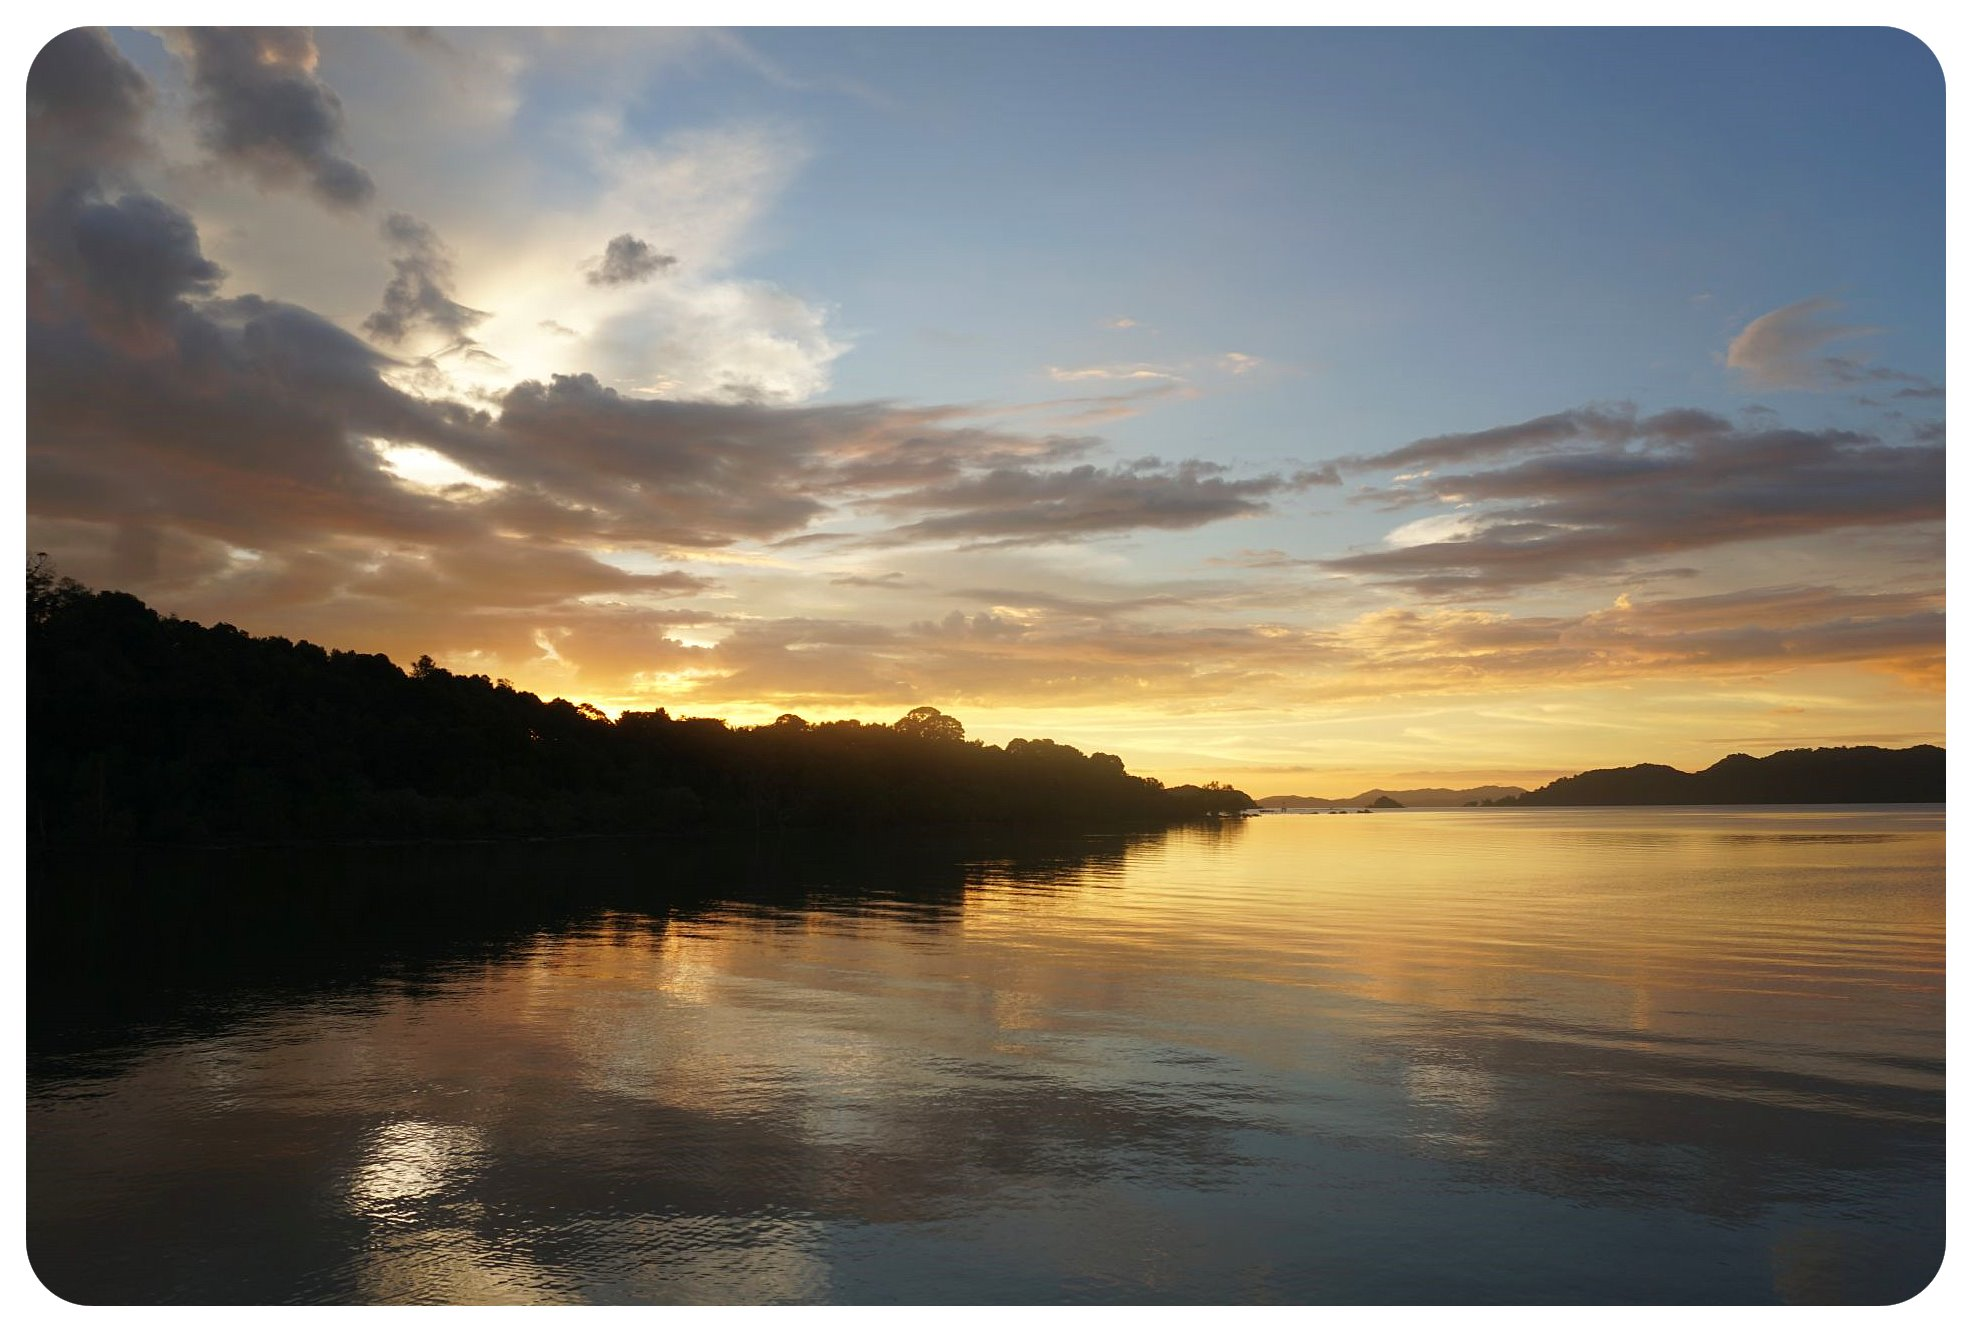 thailand koh yao noi sunset